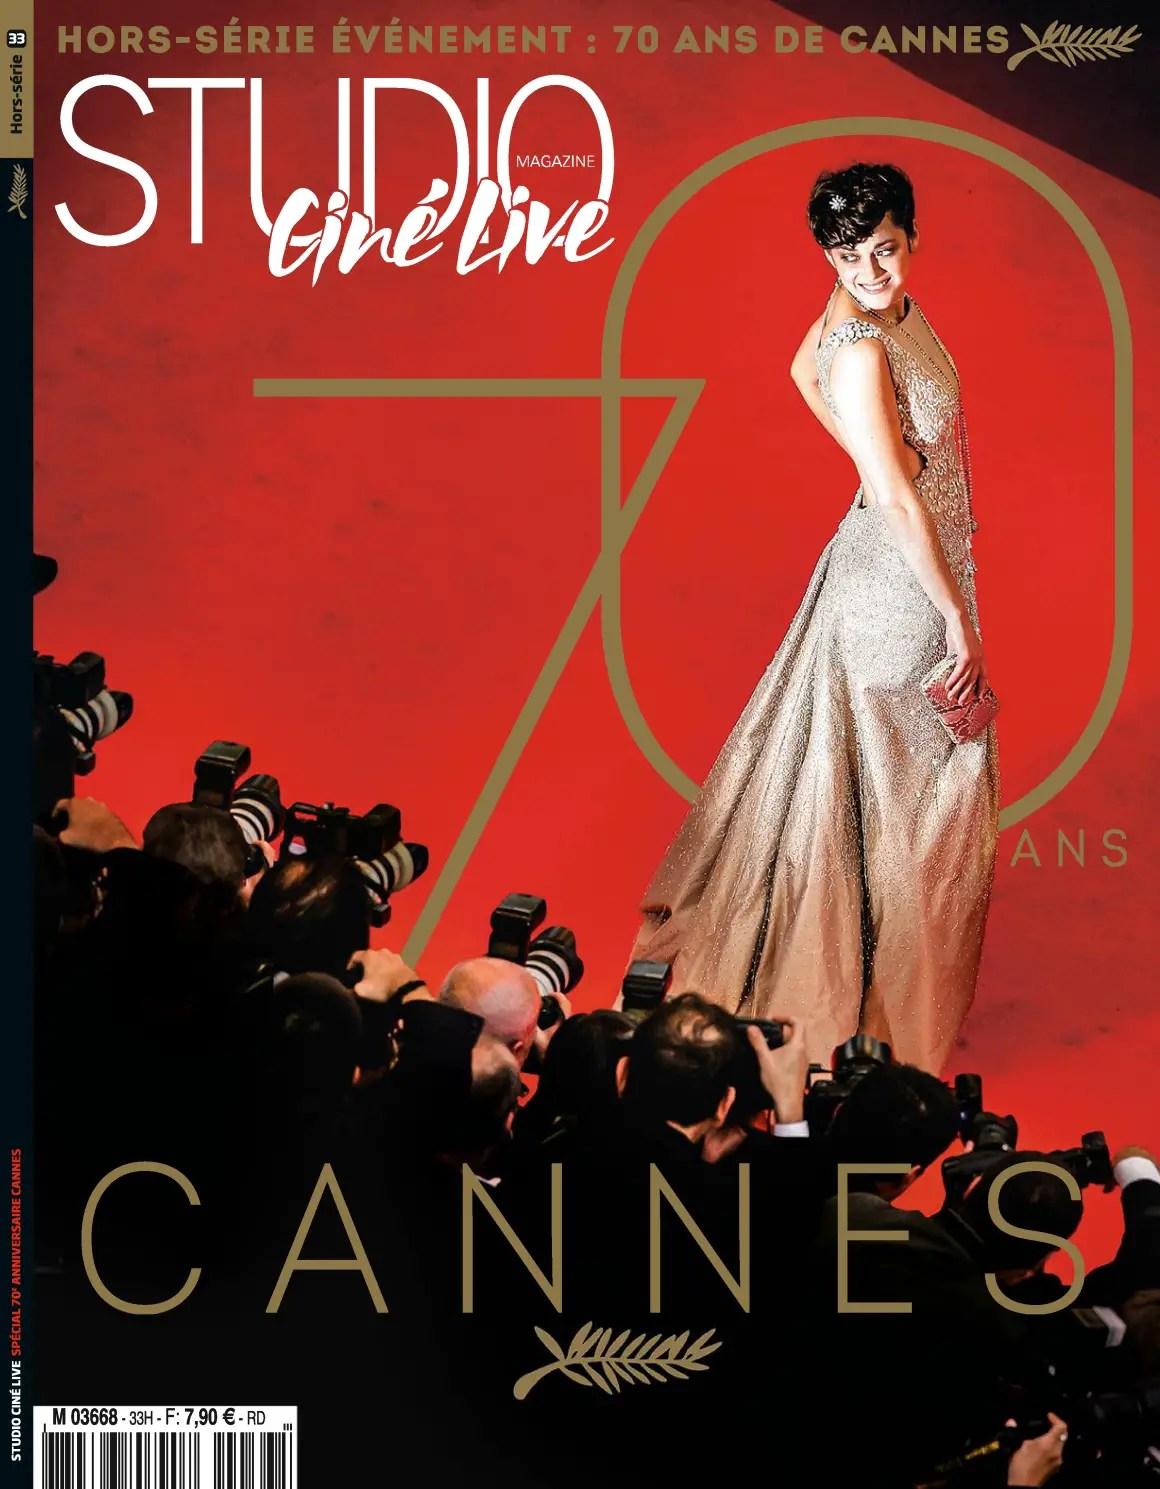 Couverture HS Festival de Cannes 2017 STudio Ciné Live